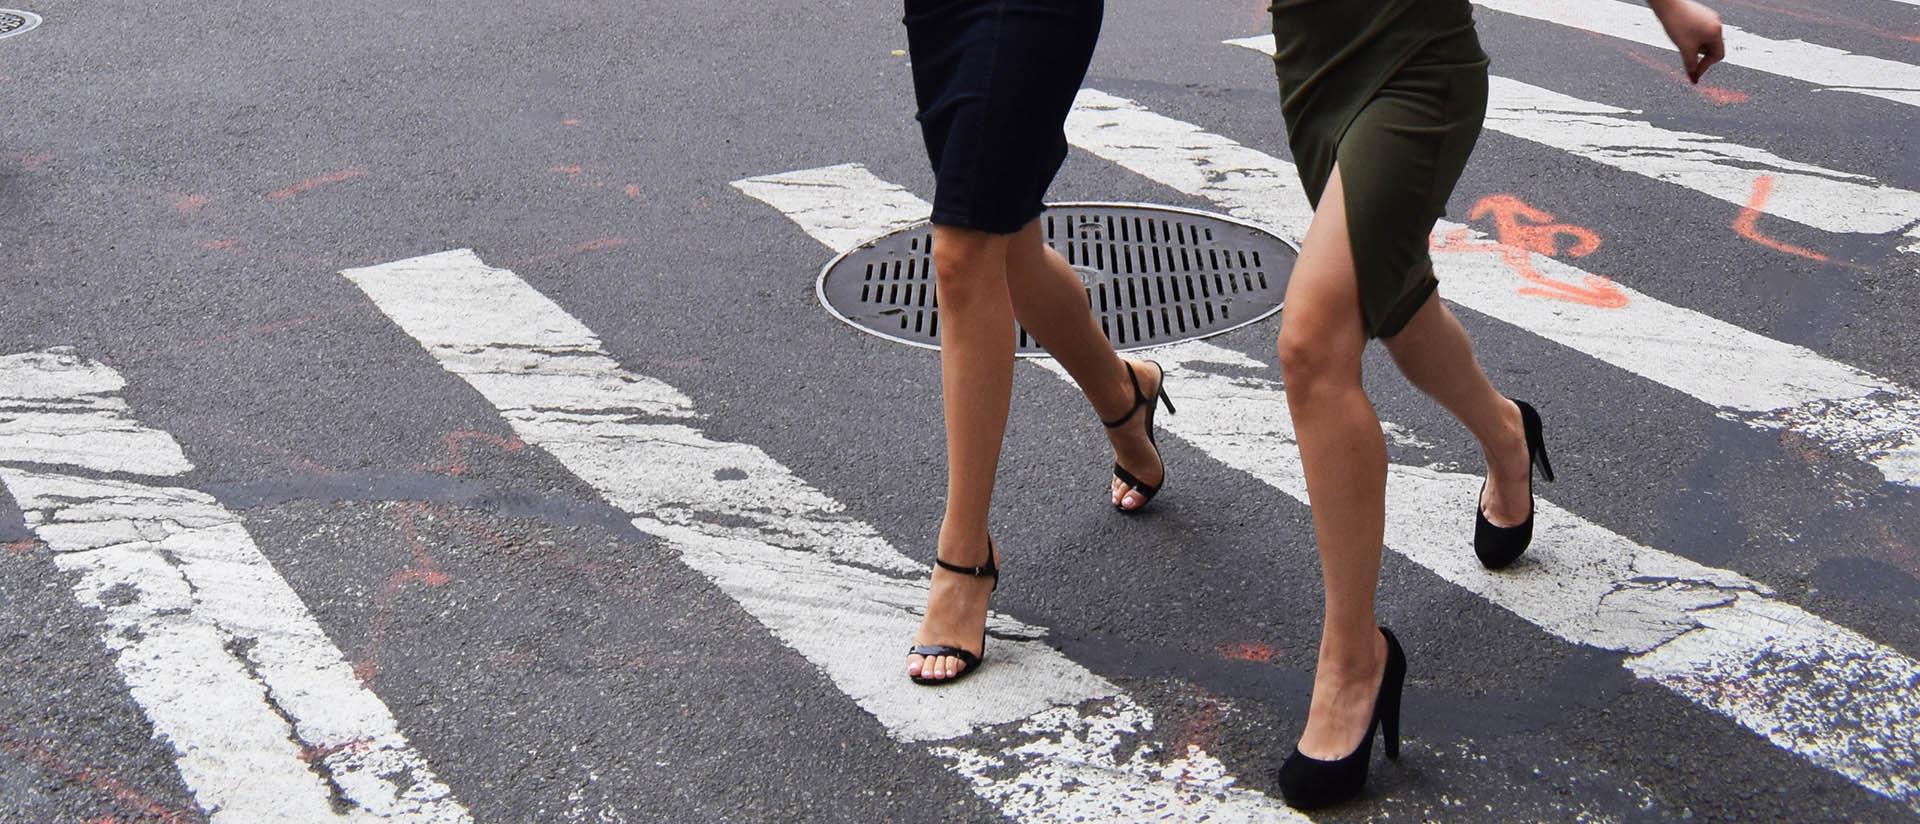 Zachowanie kierowców blisko przejścia dla pieszych.